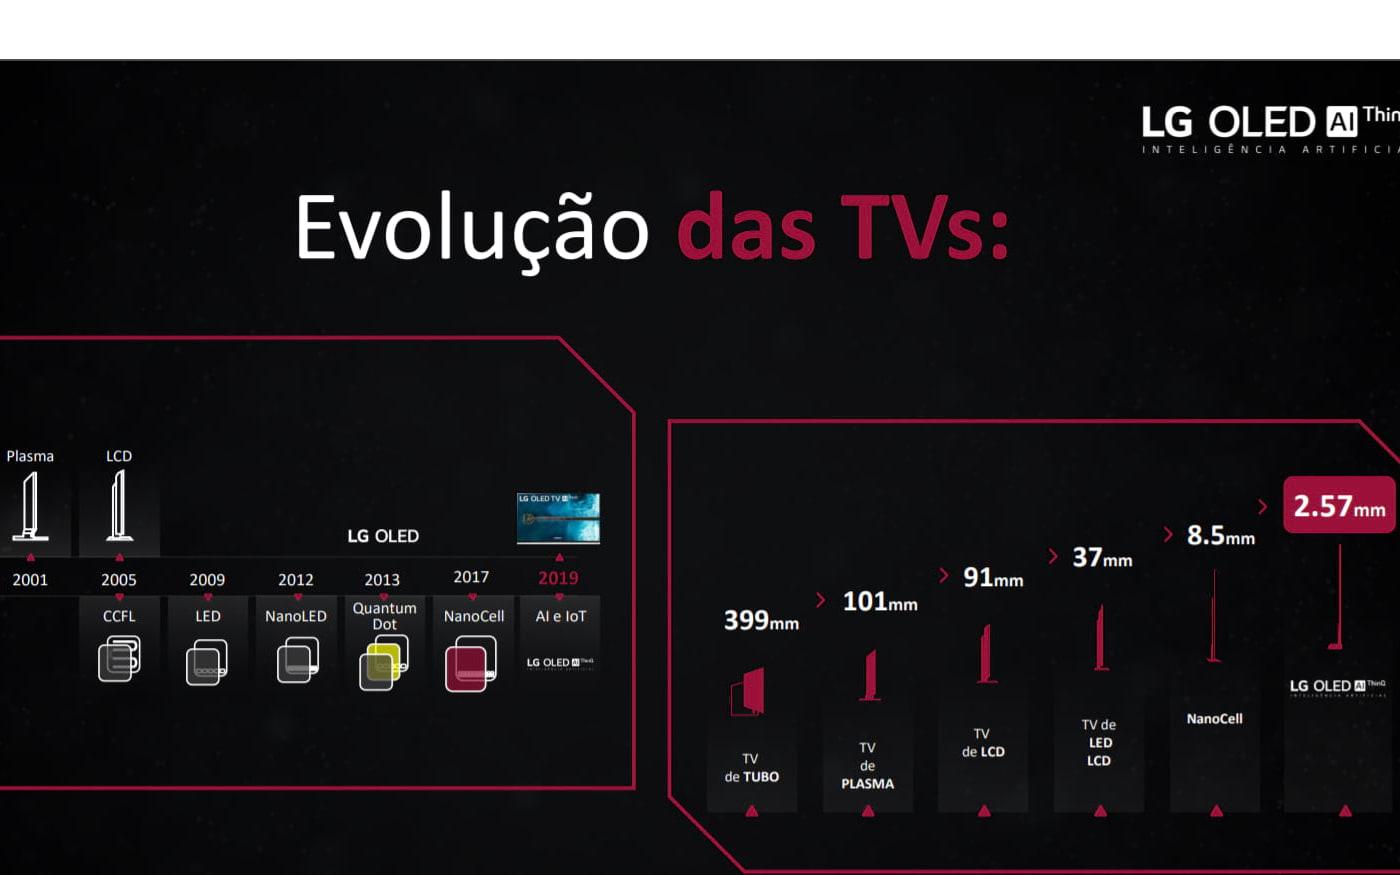 Evolução das televisões - Material de divulgação LG